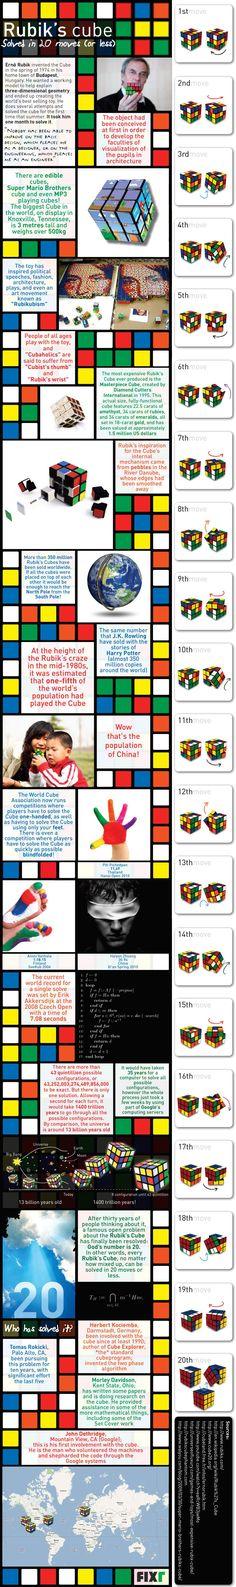 Cubo Rubik, todo lo que tenés que saber | InfografíaInfografia - Las mejores infografias de Internet | Infografia - Las mejores infografias de Internet